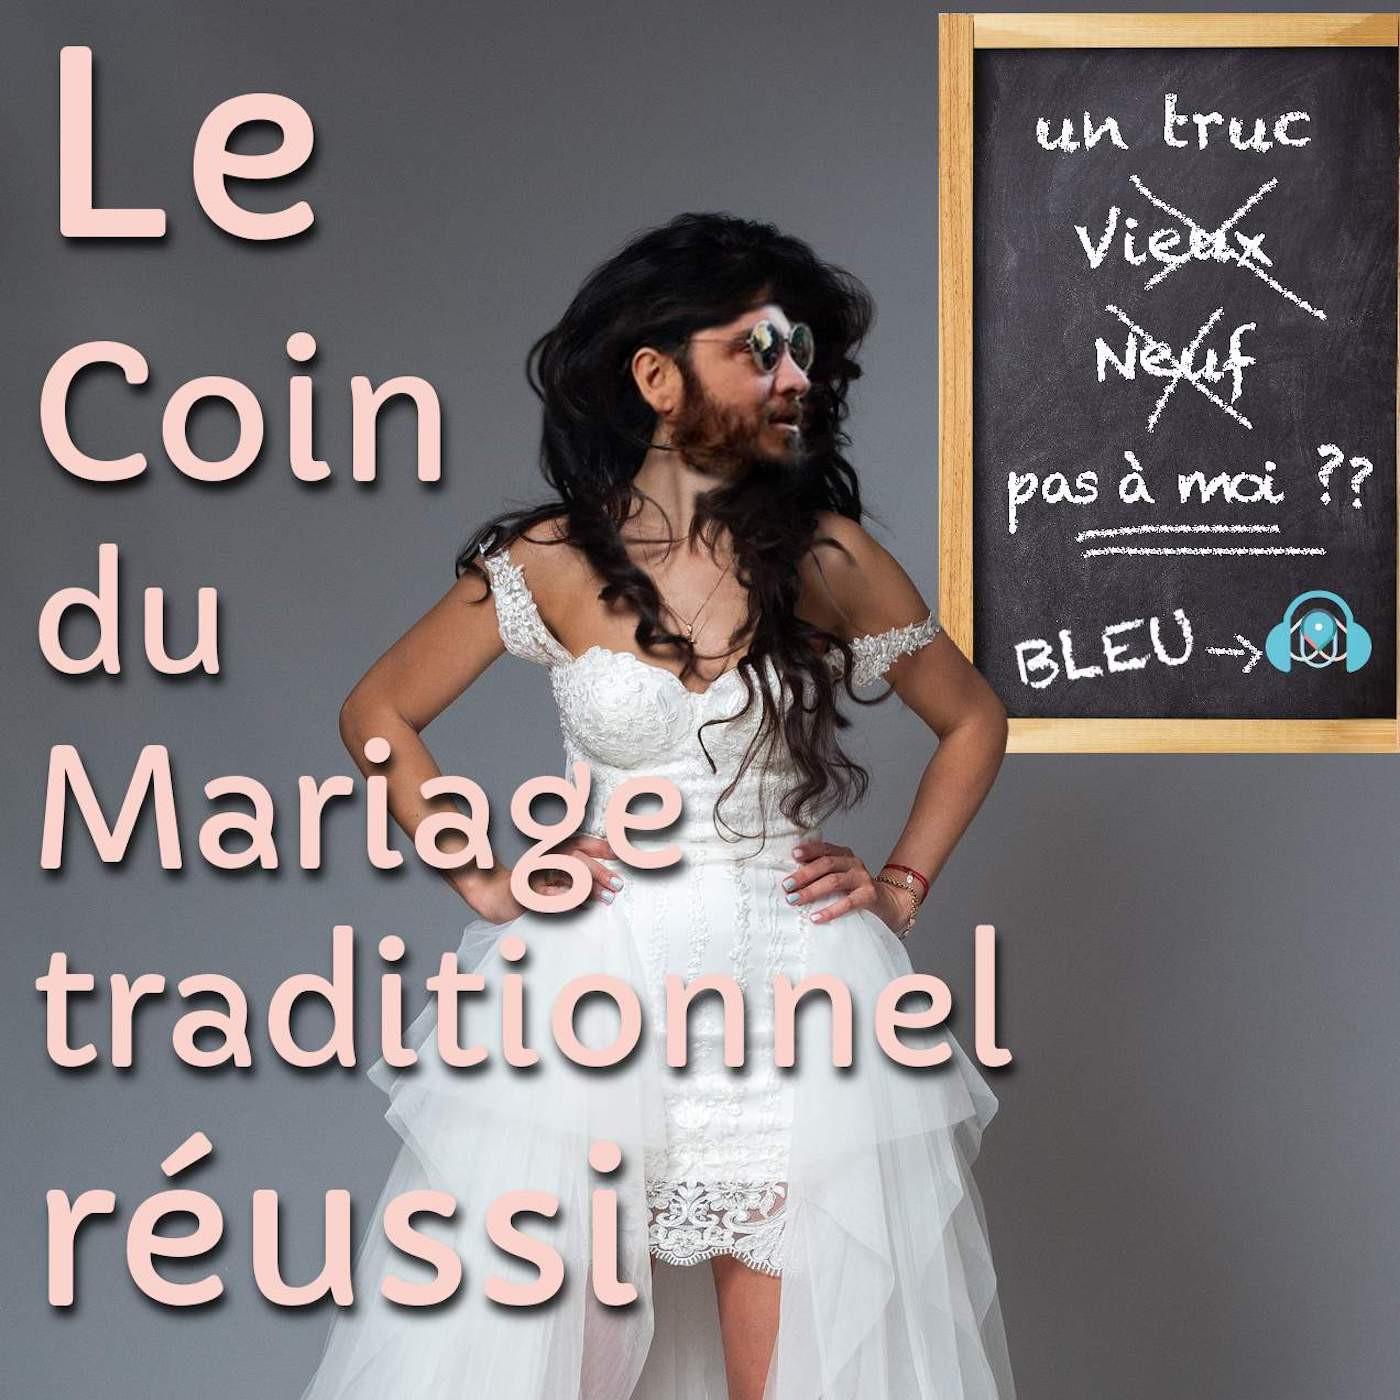 LE COIN DU MARIAGE TRADITIONNEL RÉUSSI S1E9